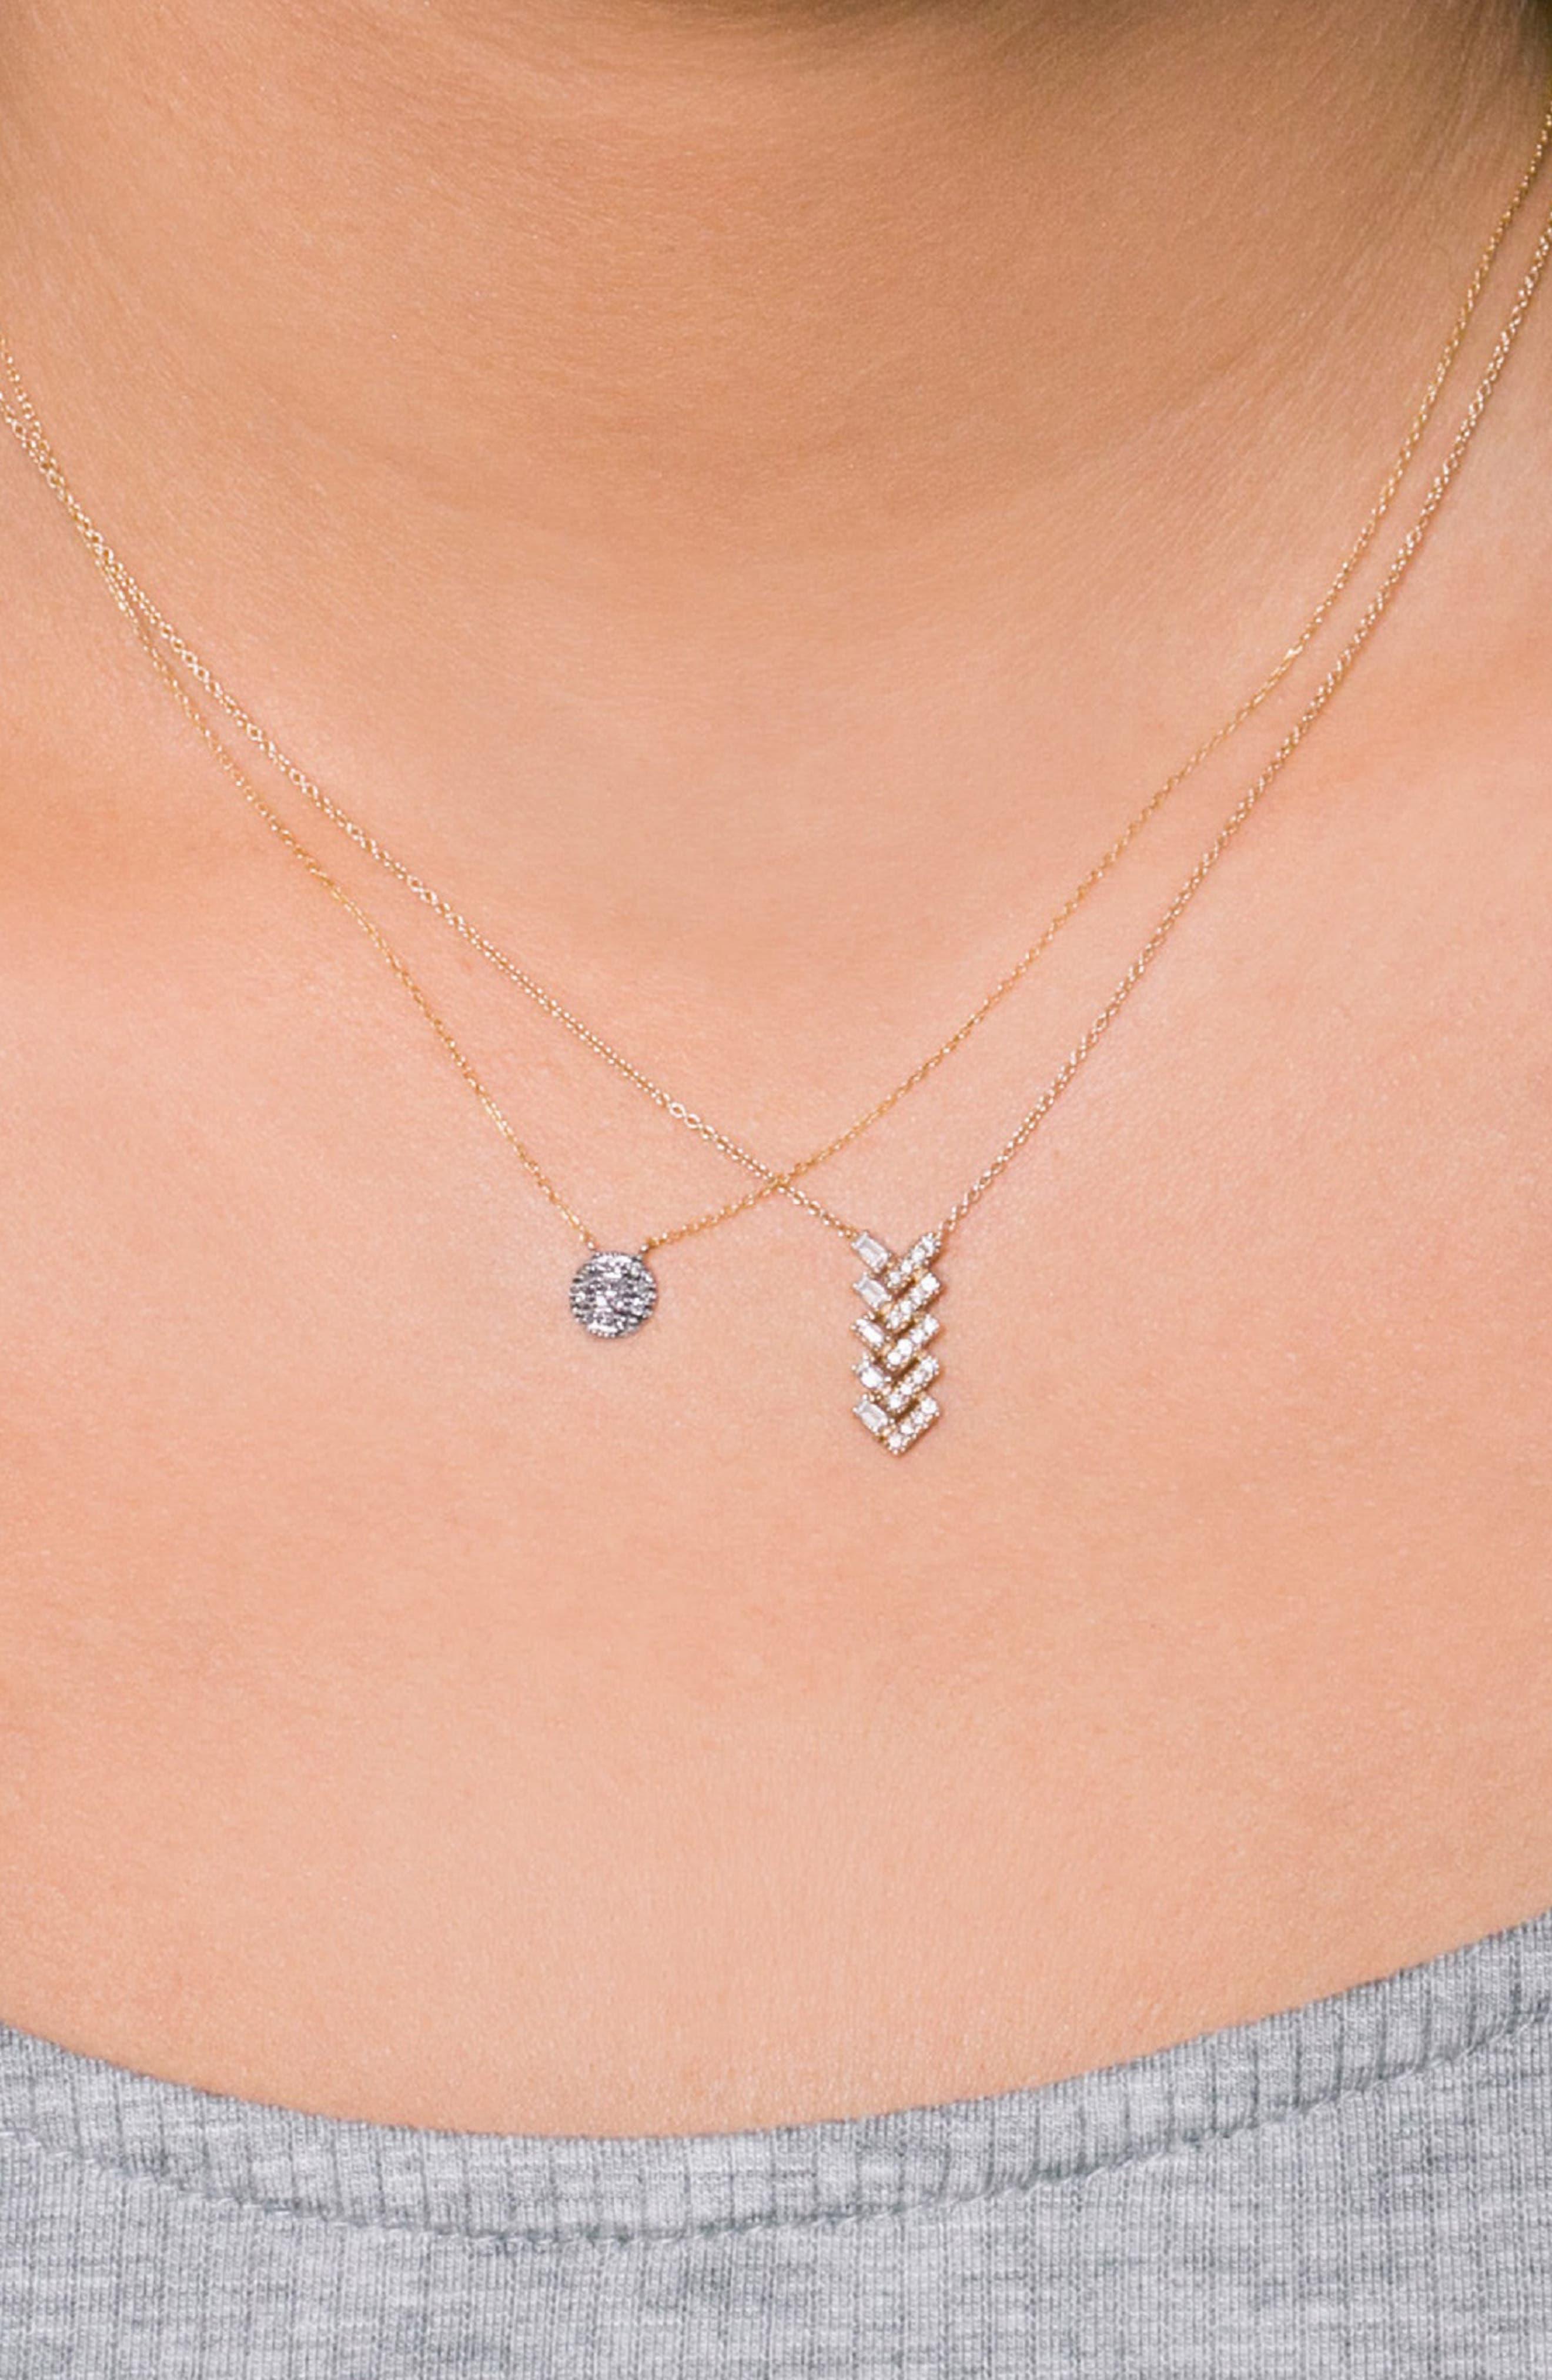 'Lauren Joy' Diamond Disc Pendant Necklace,                             Alternate thumbnail 2, color,                             YELLOW GOLD